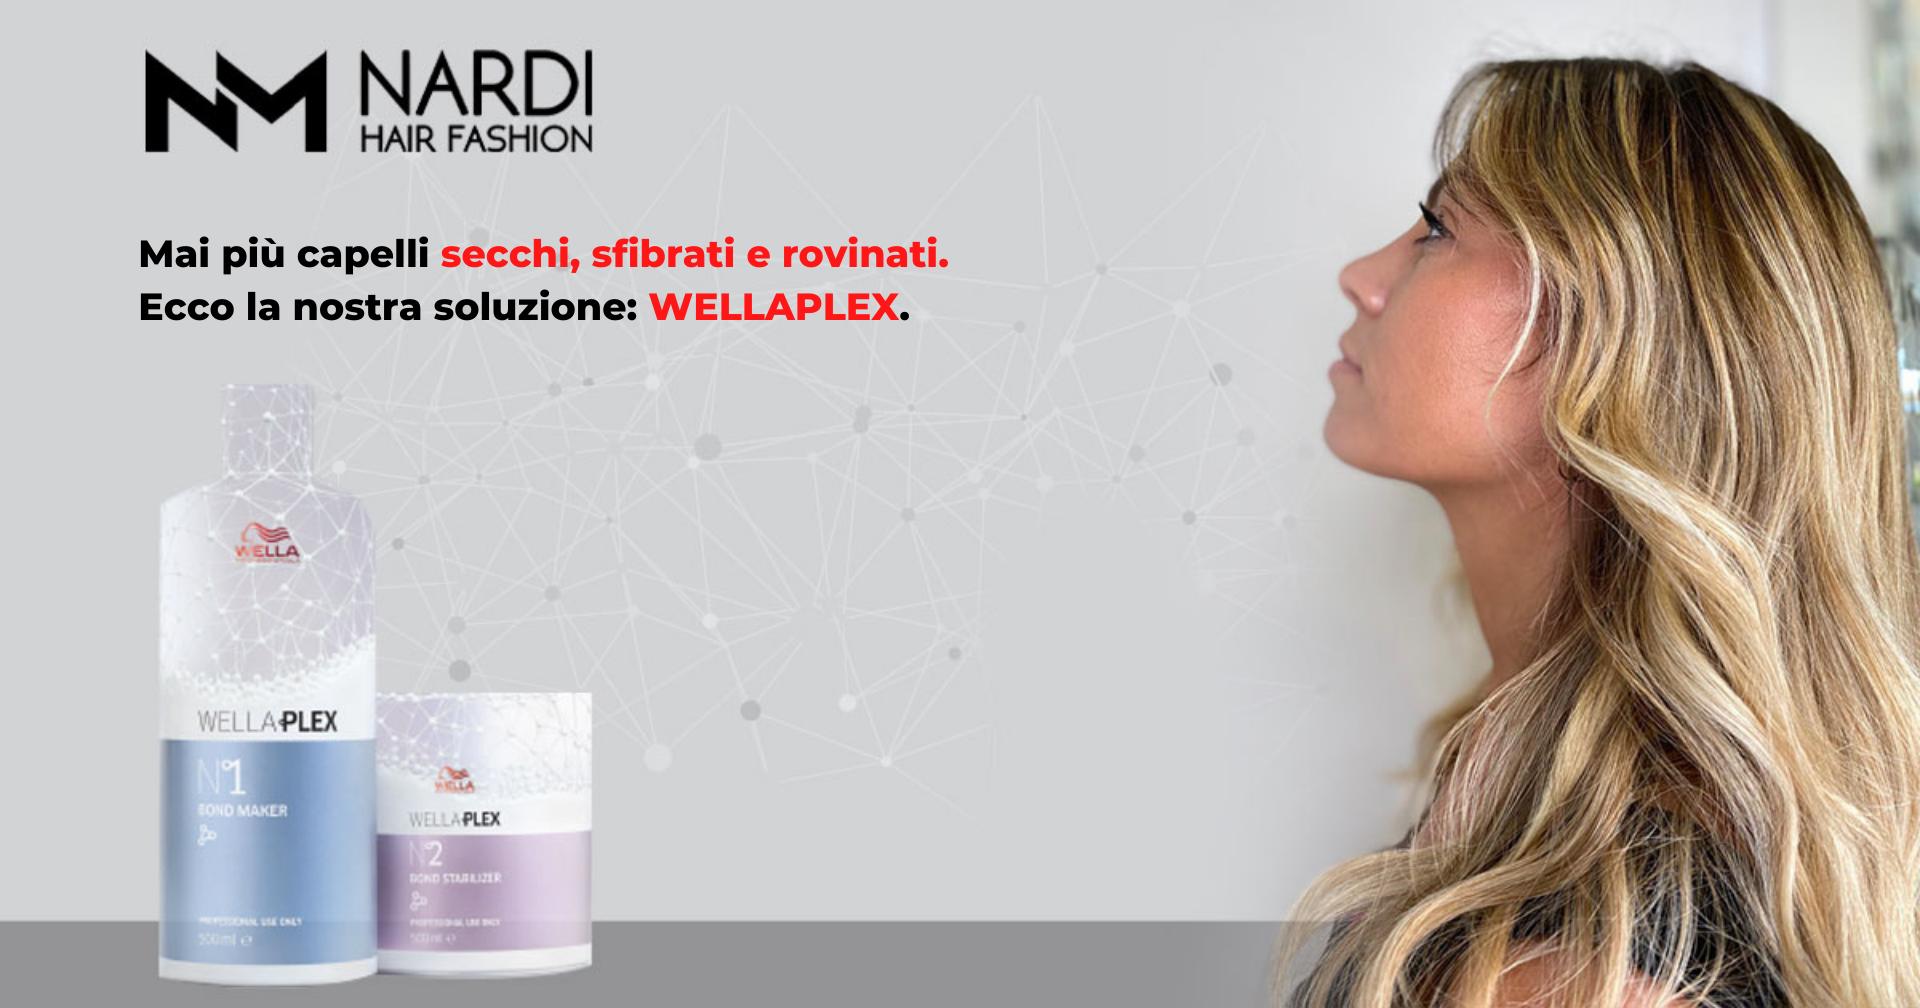 Mai più capelli secchi, sfibrati e rovinati. Ecco la nostra soluzione: WELLAPLEX.